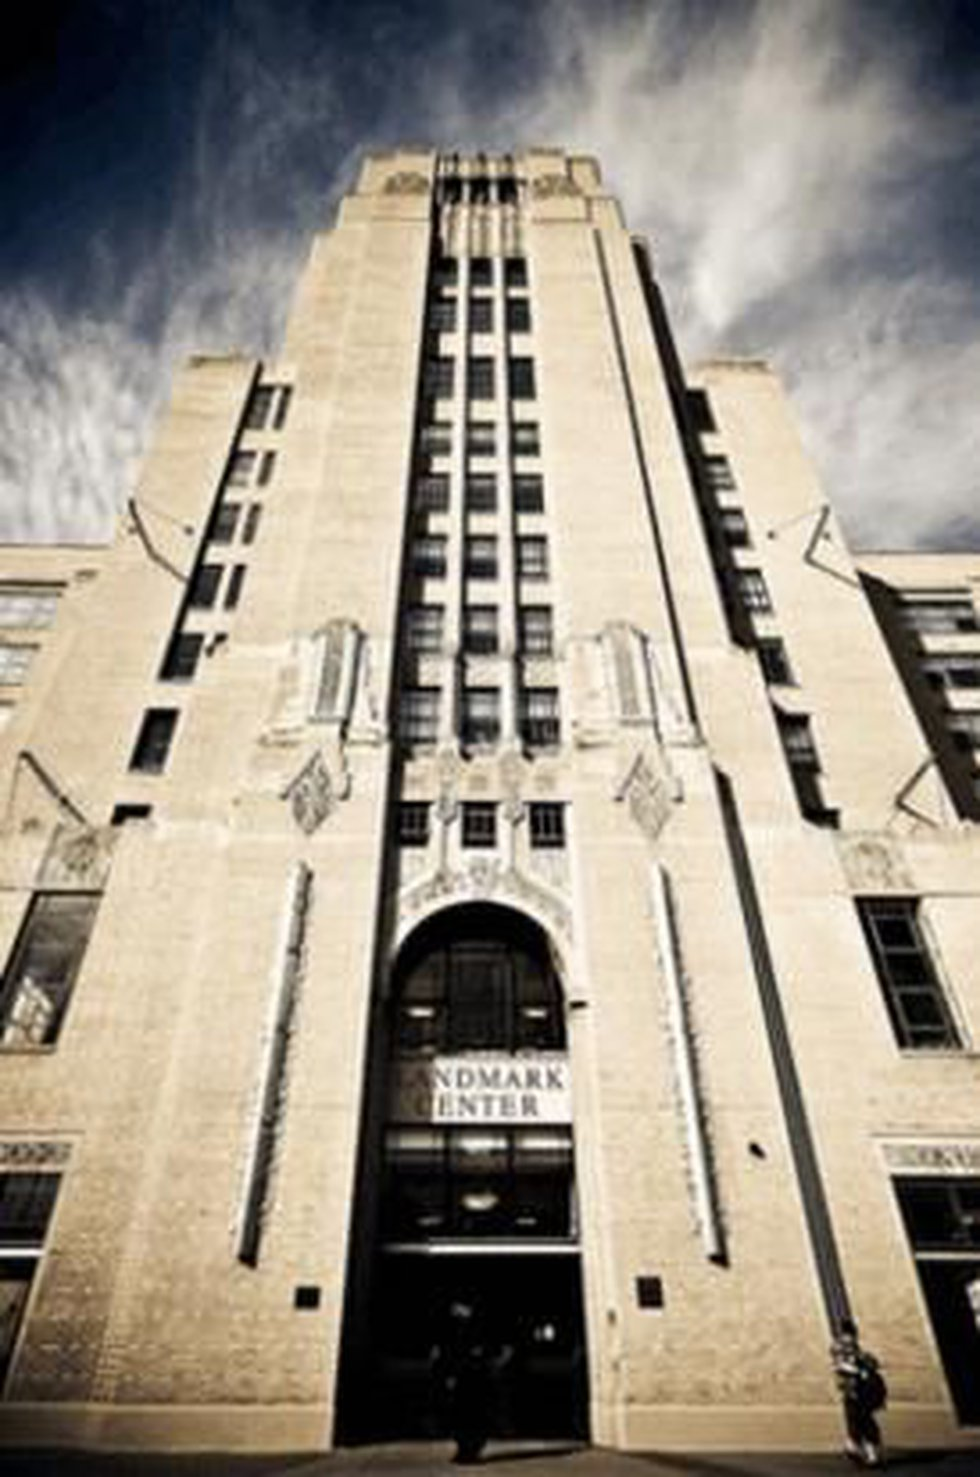 The Landmark Center in Boston, Massachusetts is now a commercial center. (Photo Source: Jk...